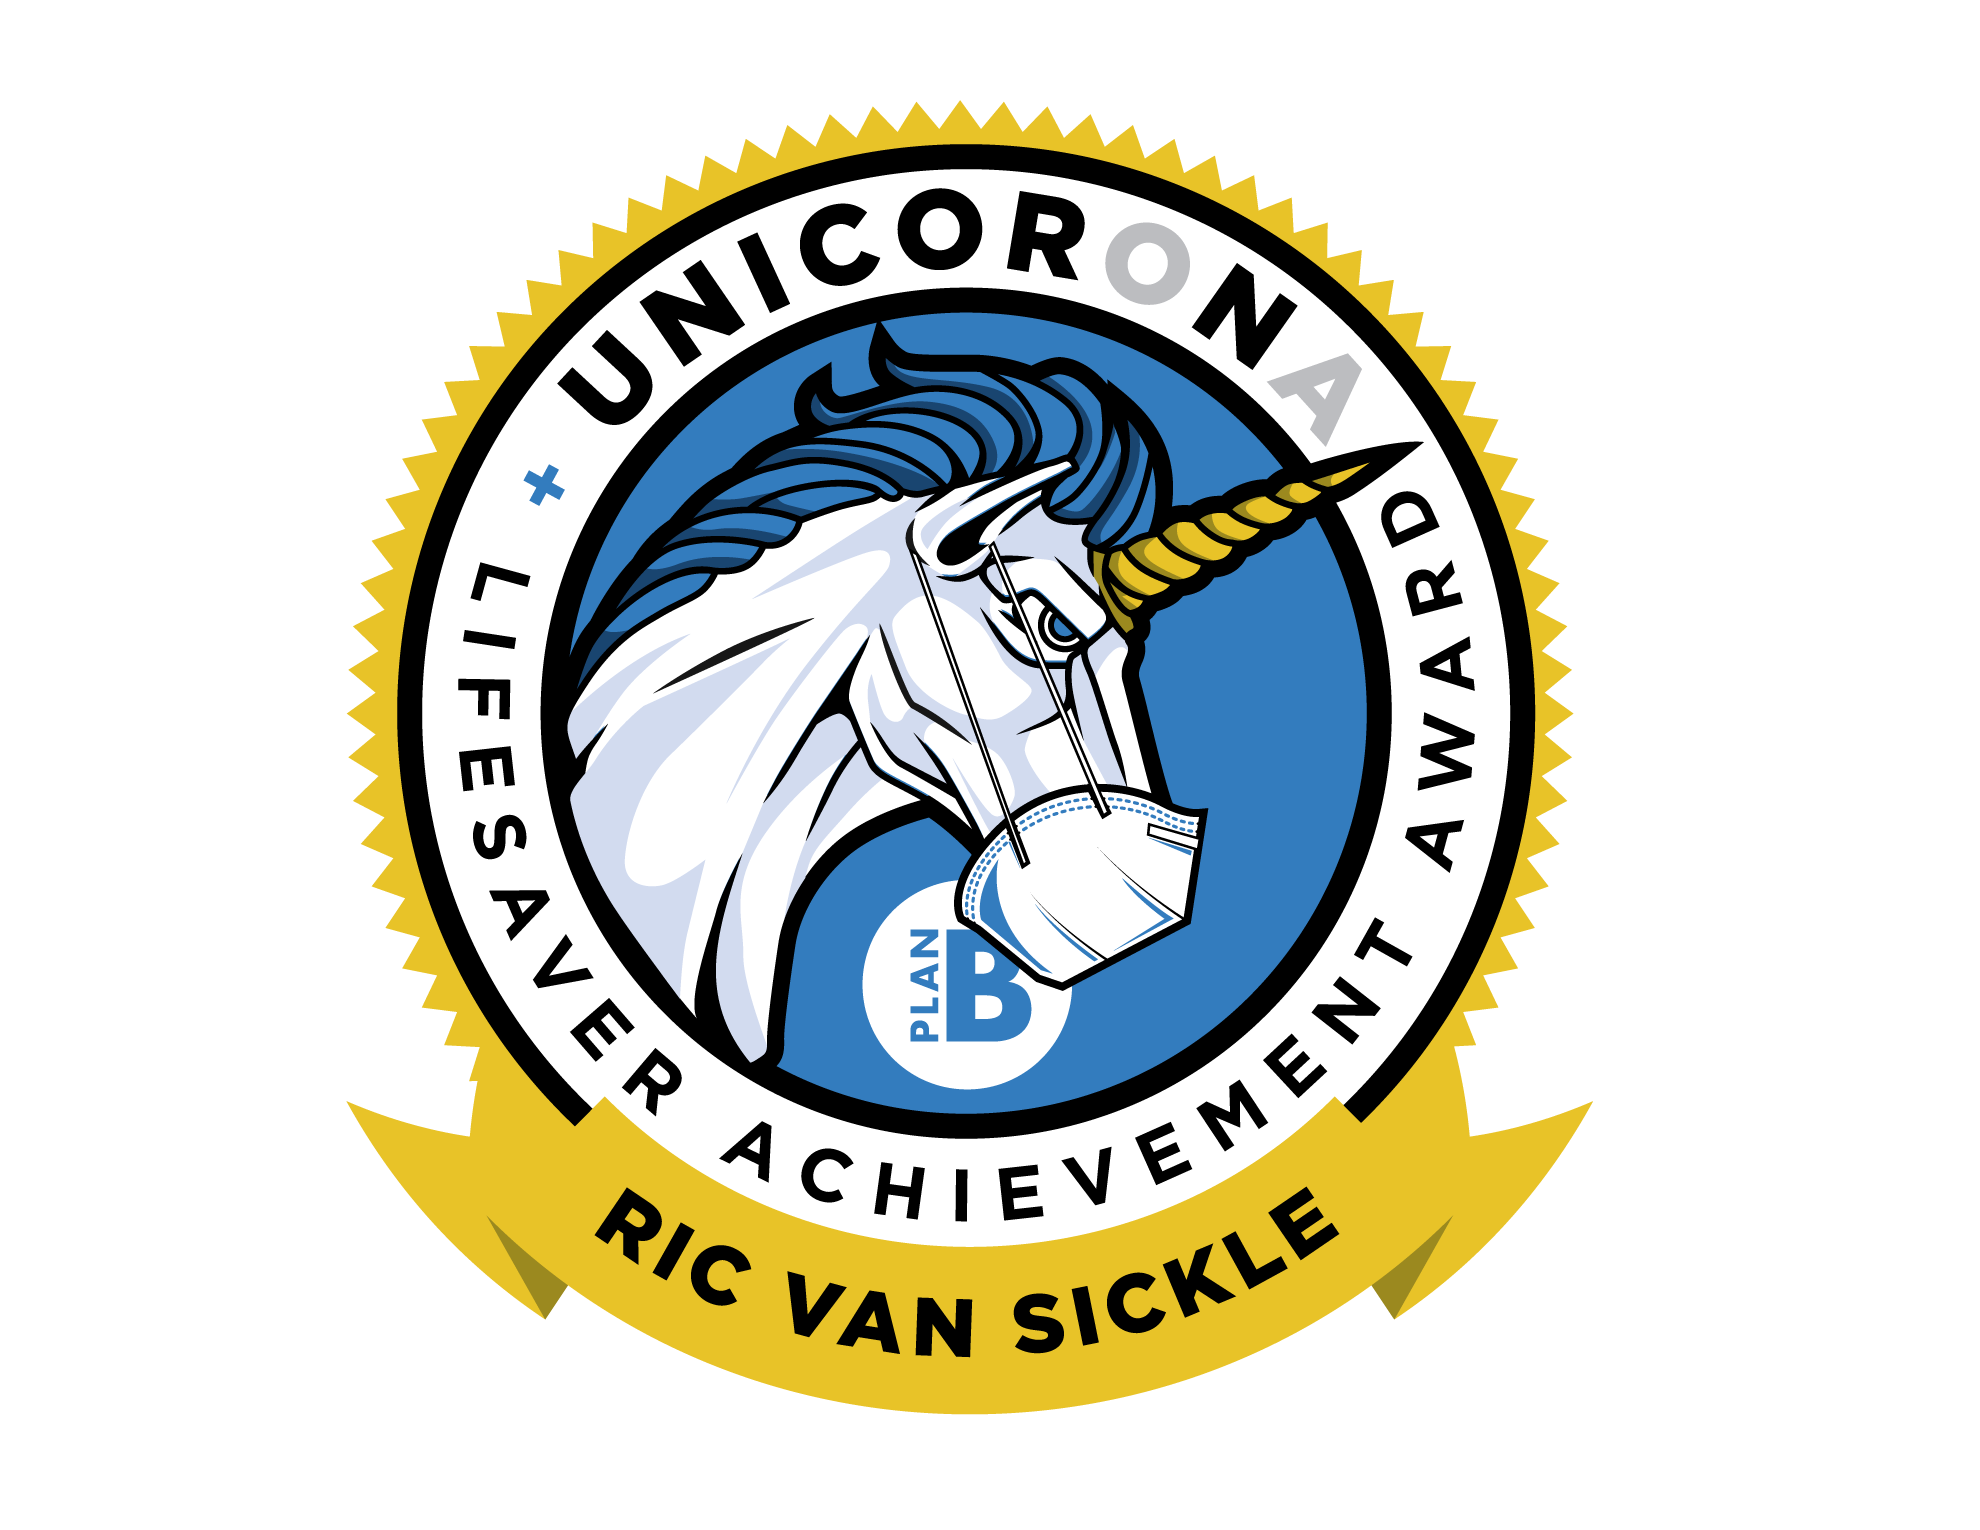 unicorona